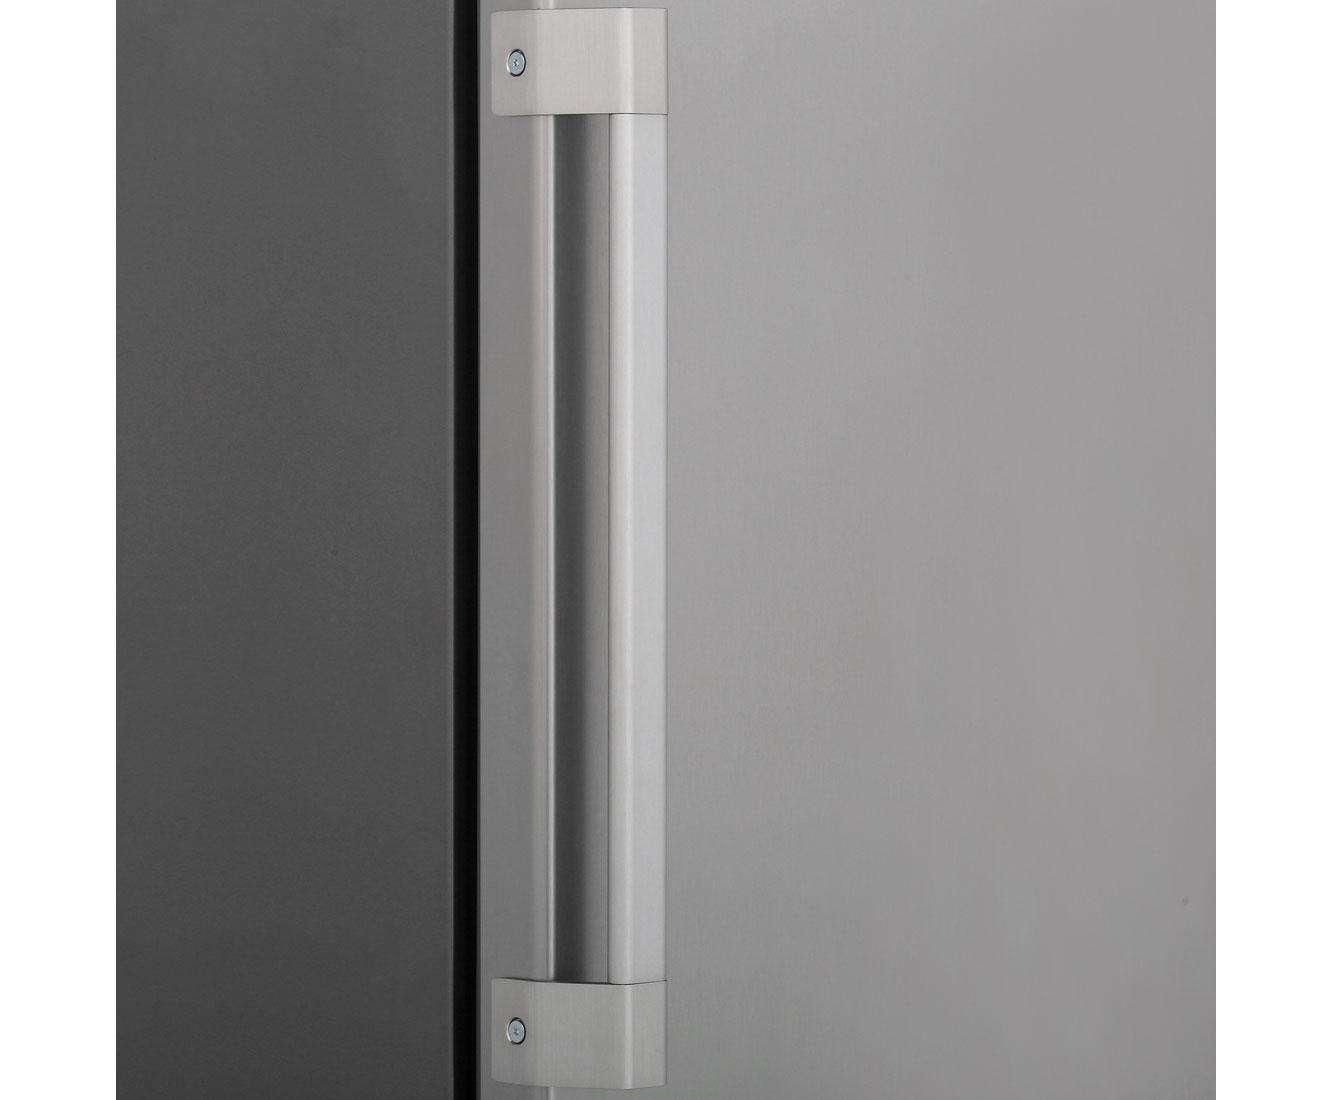 Bosch Kühlschrank Freistehend Mit Gefrierfach : Kühlschrank mit gefrierschrank freistehend bosch gsn vw serie